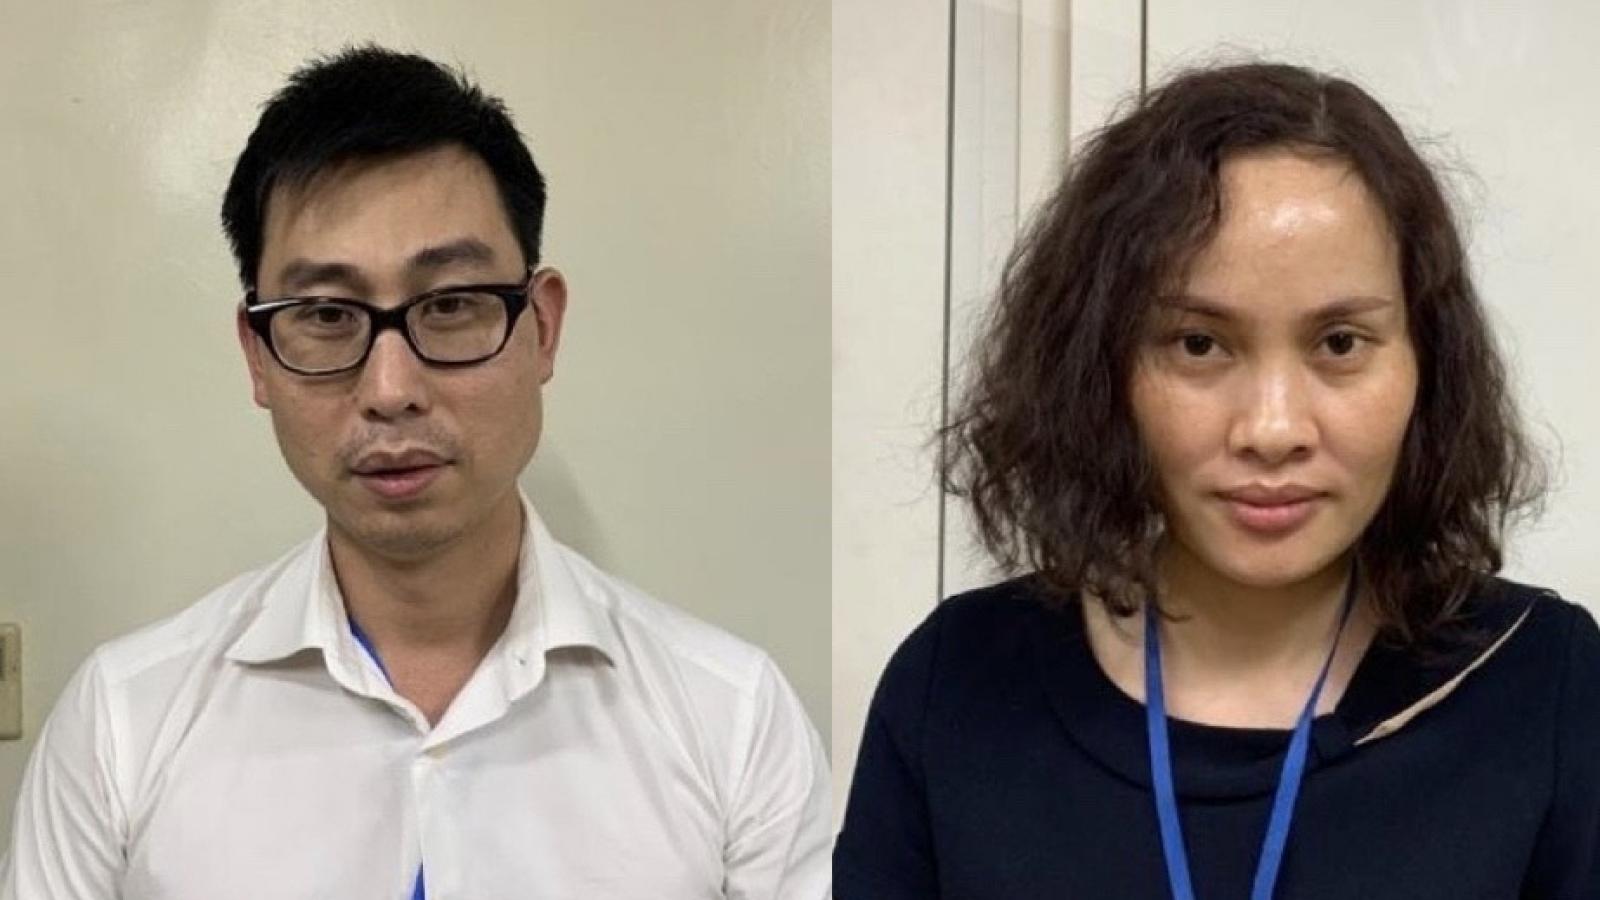 Khởi tố 3 bị can liên quan vụ Chiếm đoạt tài sản ở bệnh viện Bạch Mai